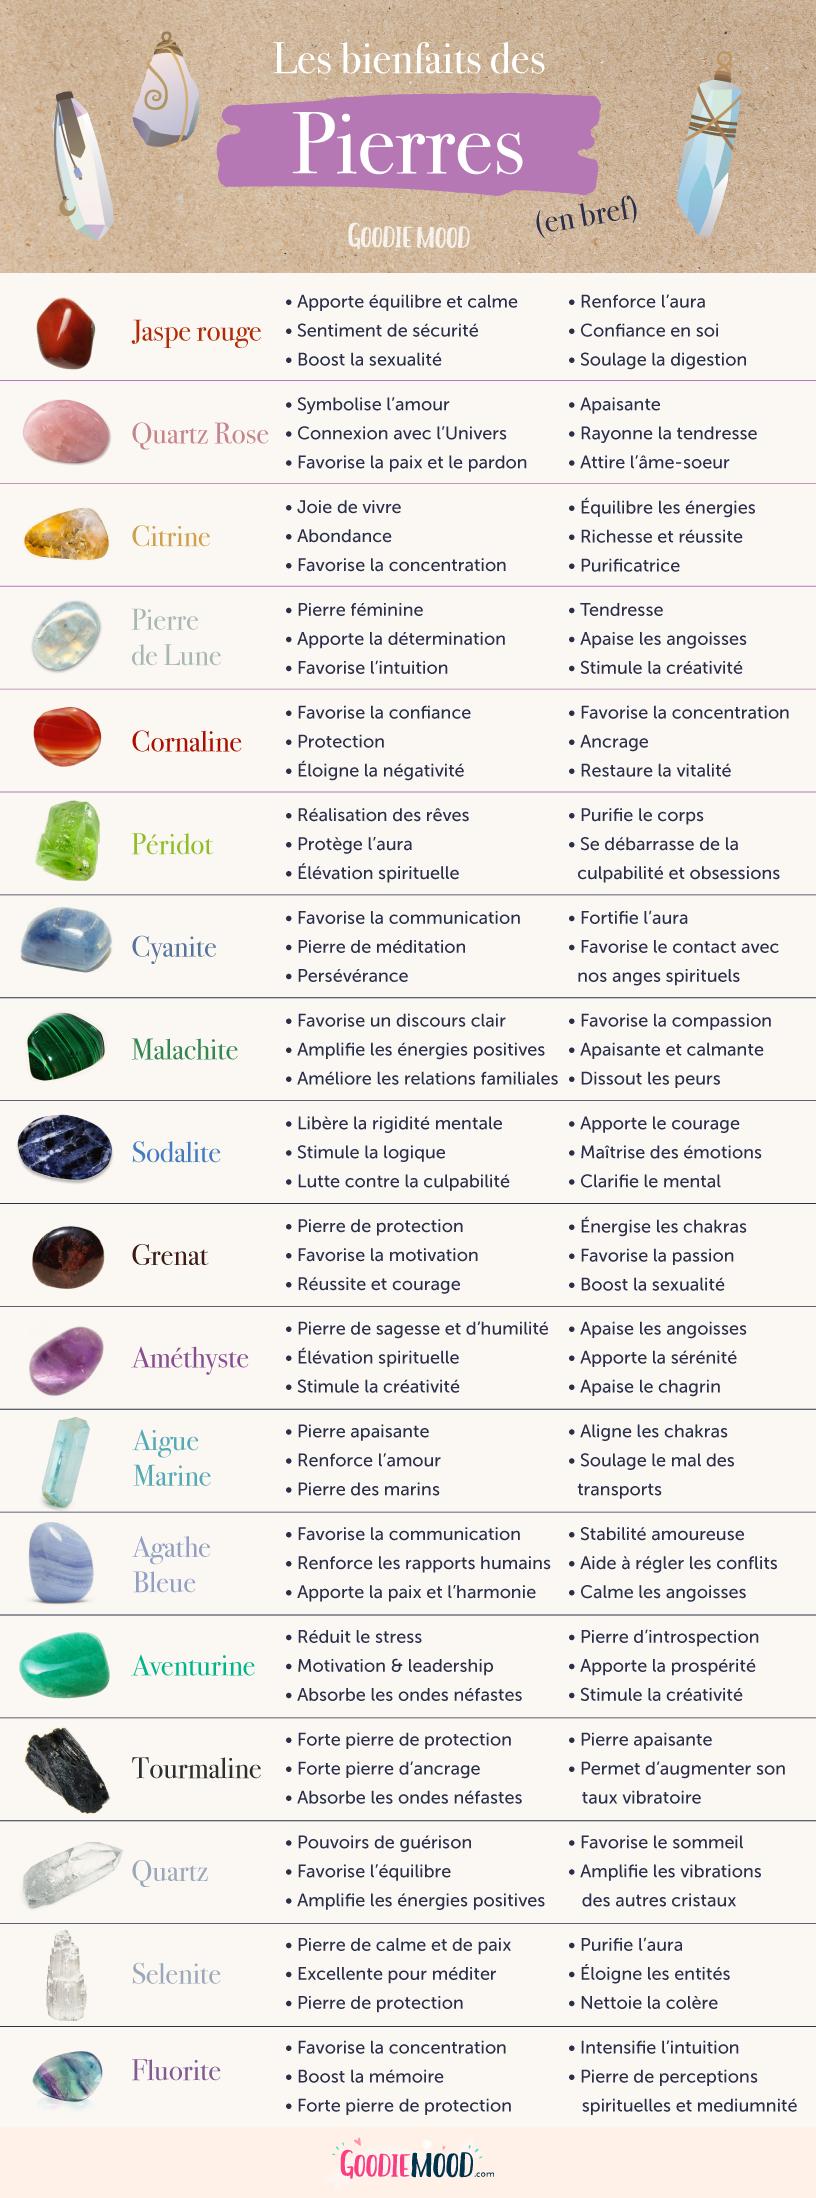 infographie résumant les bienfaits des pierres, cristaux et minéraux. La lithothérapie est une médecine douce qui favorise le bien-être par les pierres.